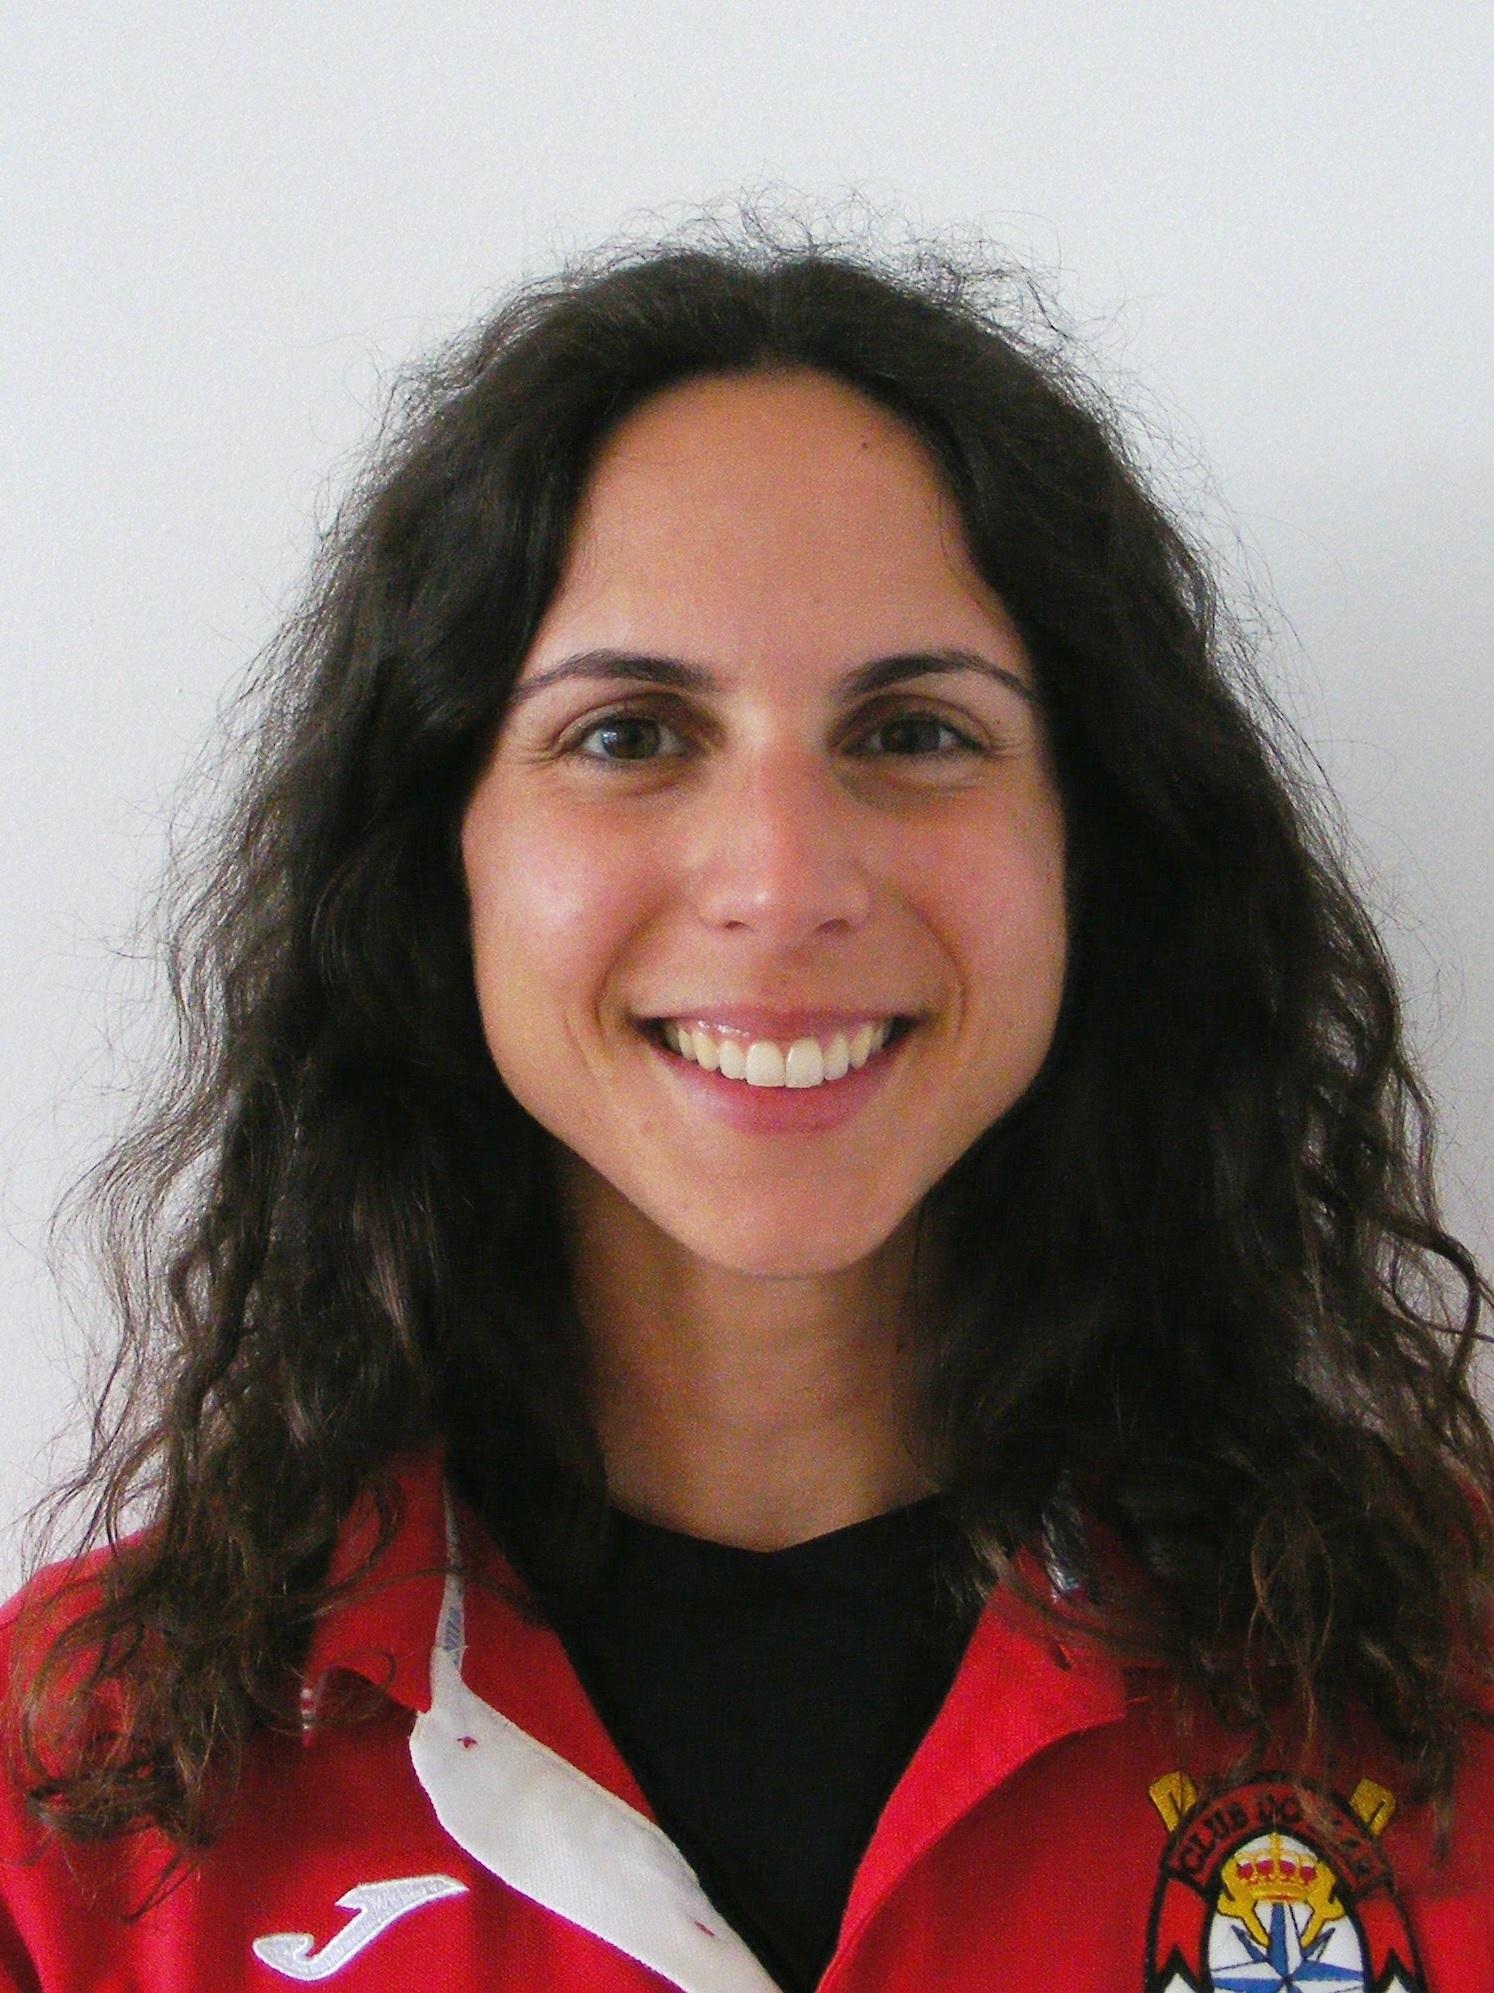 María Saavedra - NON PROPIA